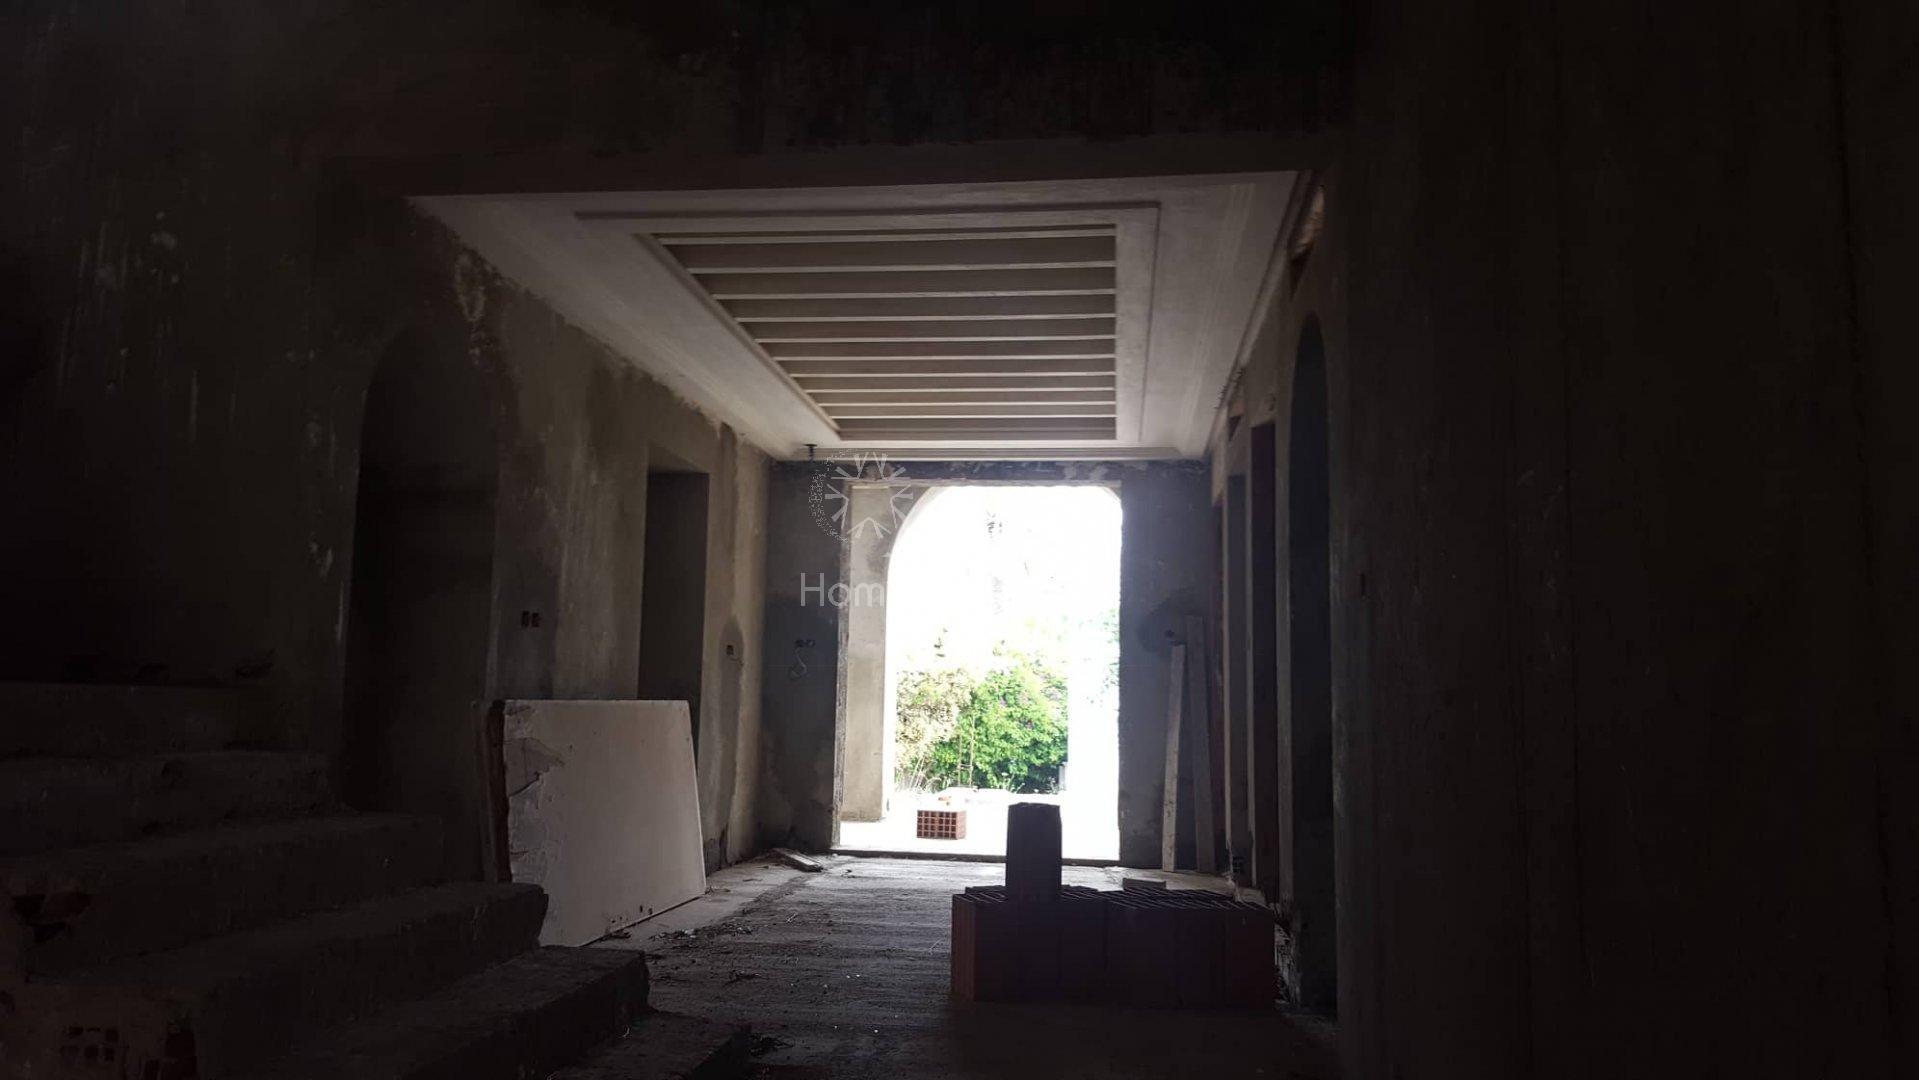 A vendre une superbe Villa non-achevée,  pieds dans l'eau à Skanes - Monastir.